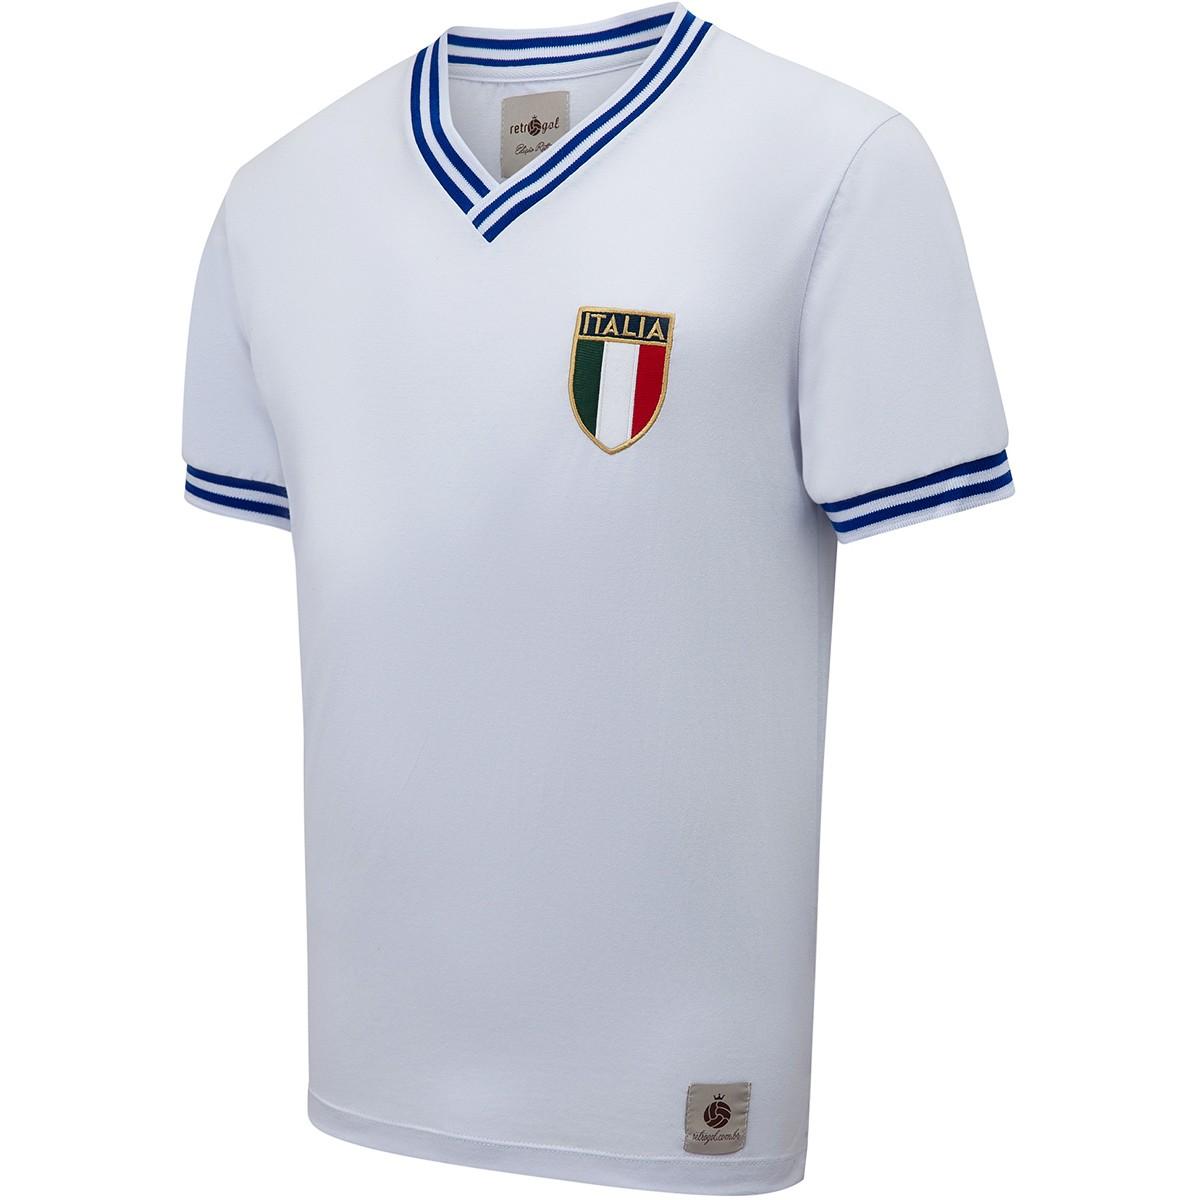 Camisa Itália Retrô nº 10 Masculina